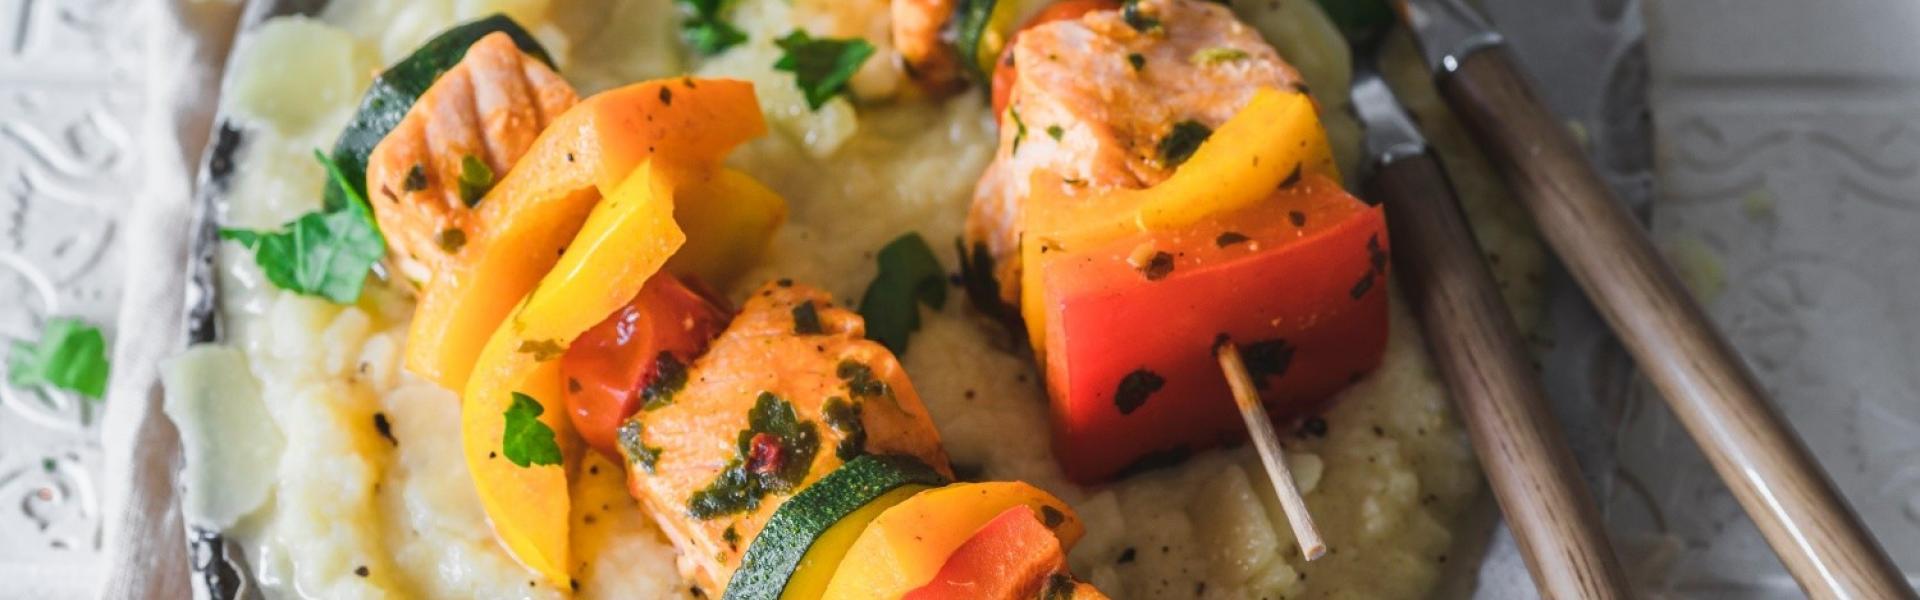 Selleriepüree mit Lachs-Gemüse-Spießen auf einem Teller angerichtet.